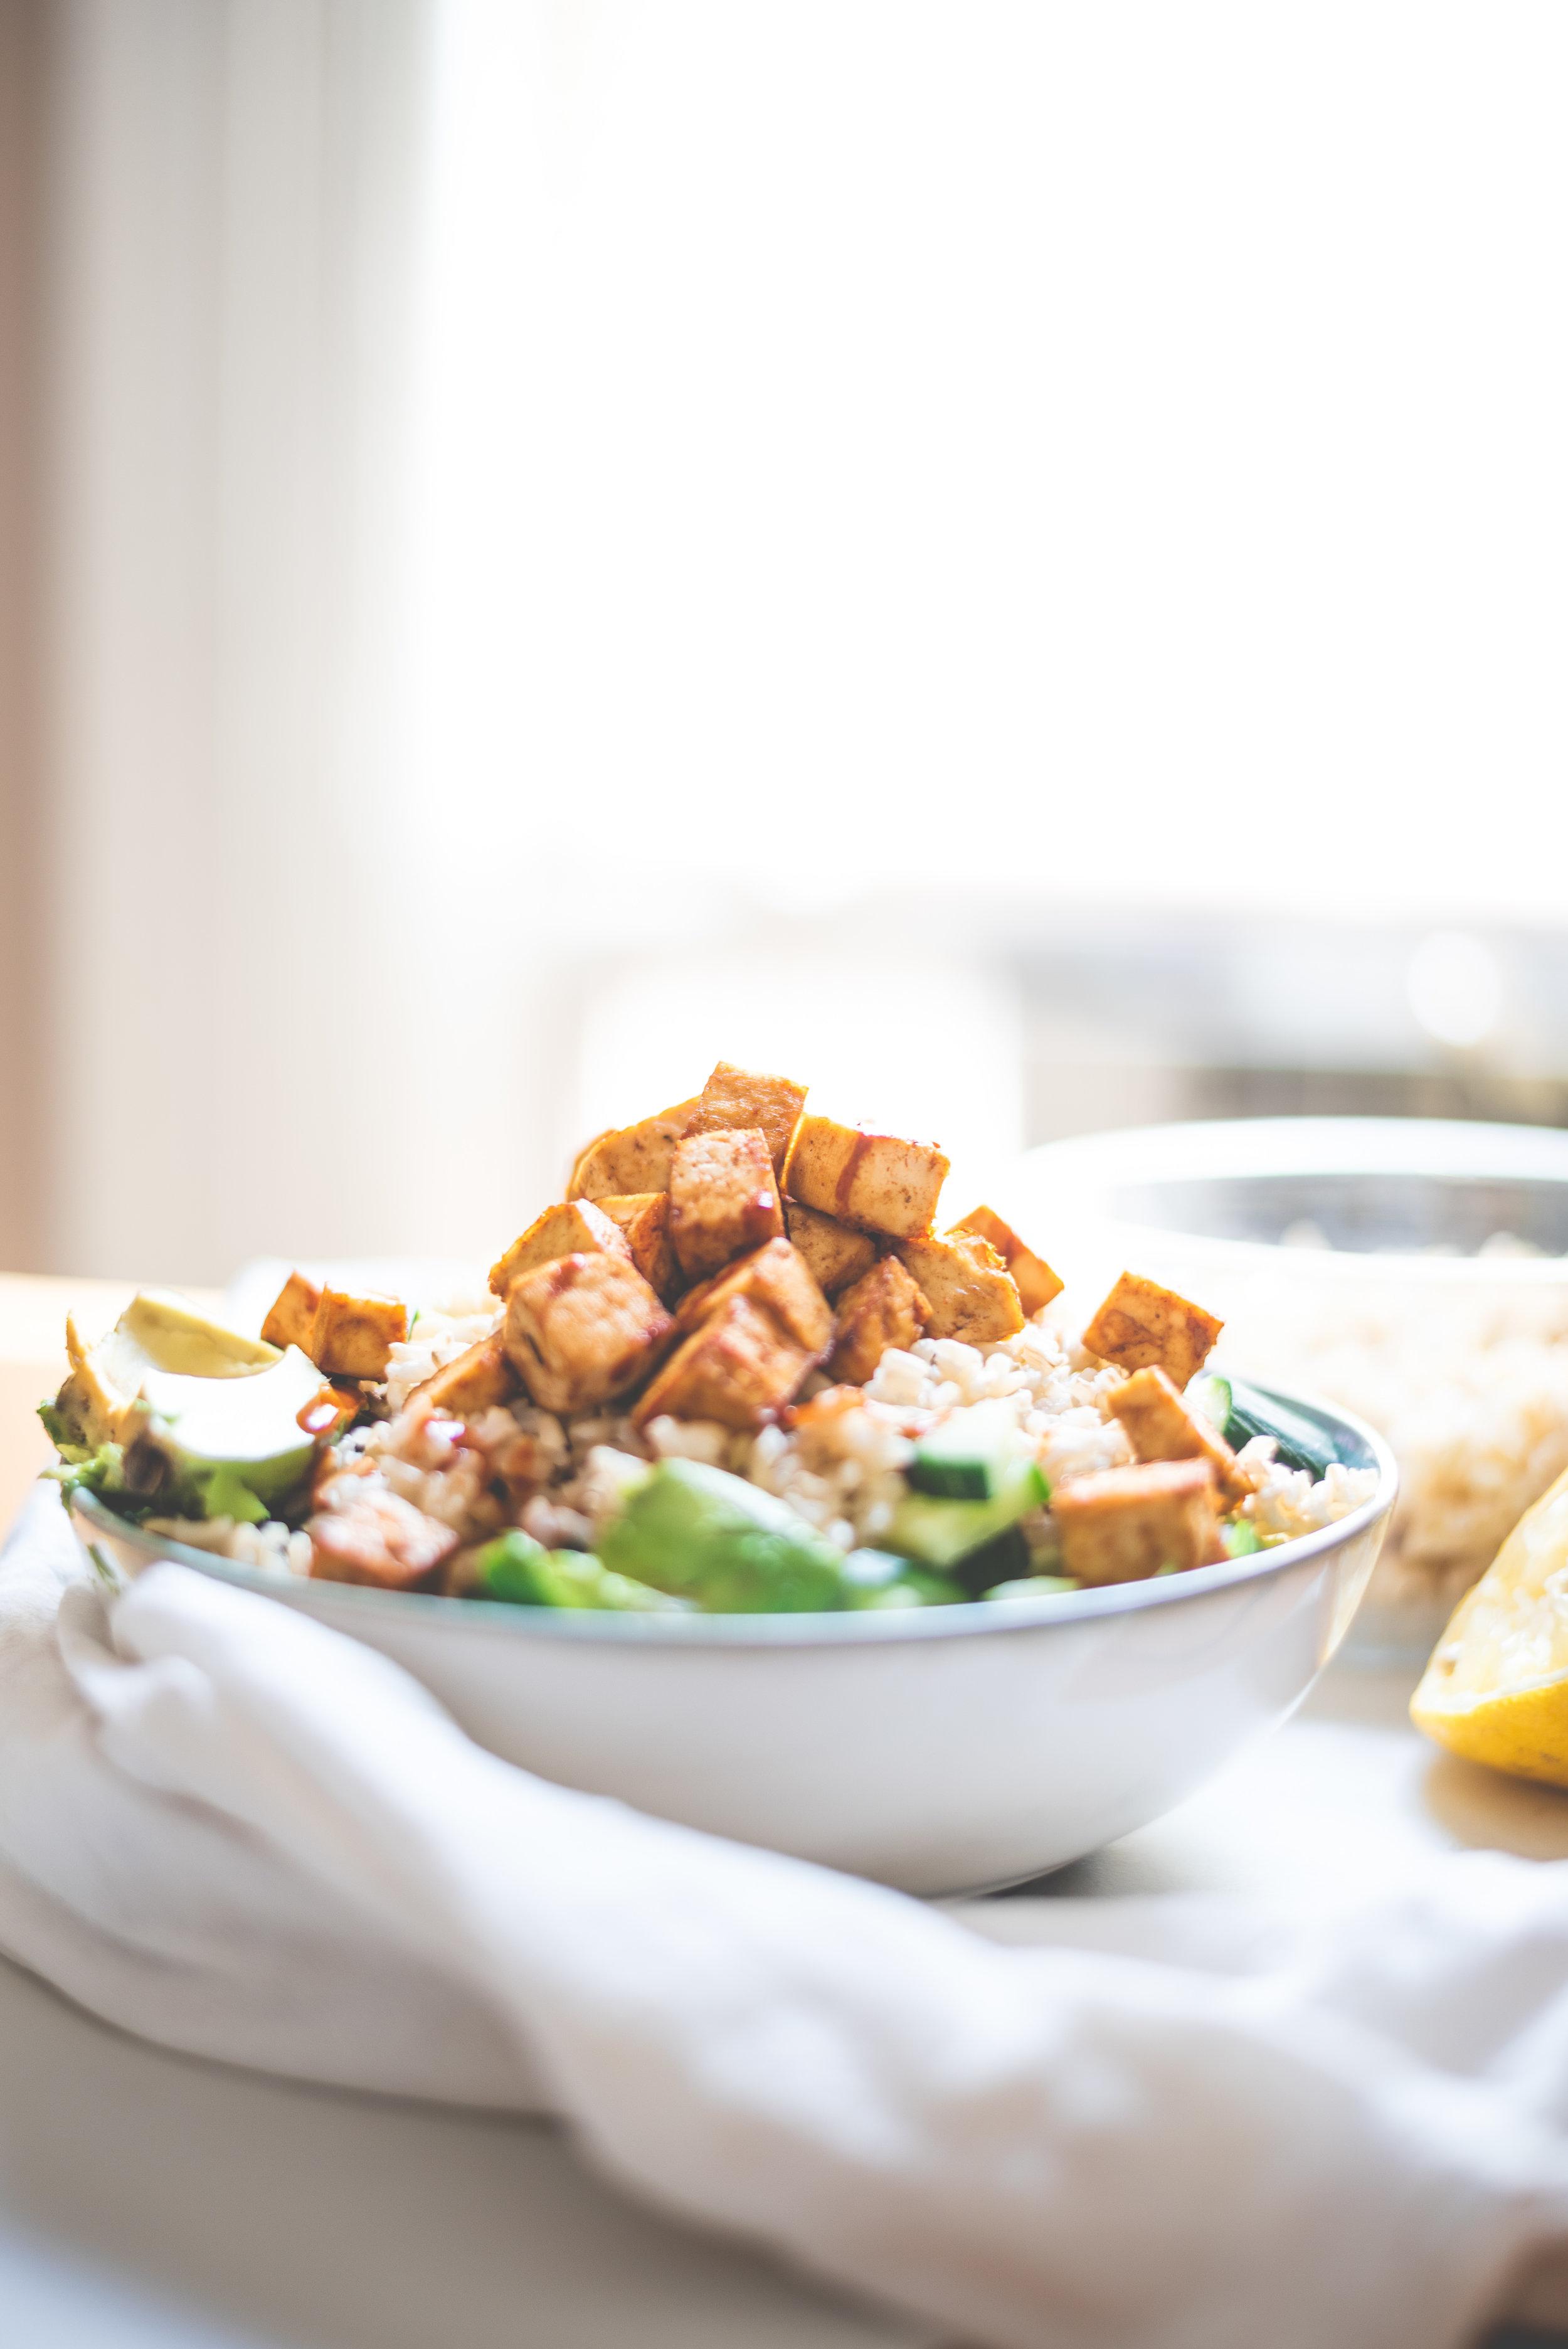 Easy Crispy Tofu Salad Ensalada De Tofu Crujiente Facil De Hacer